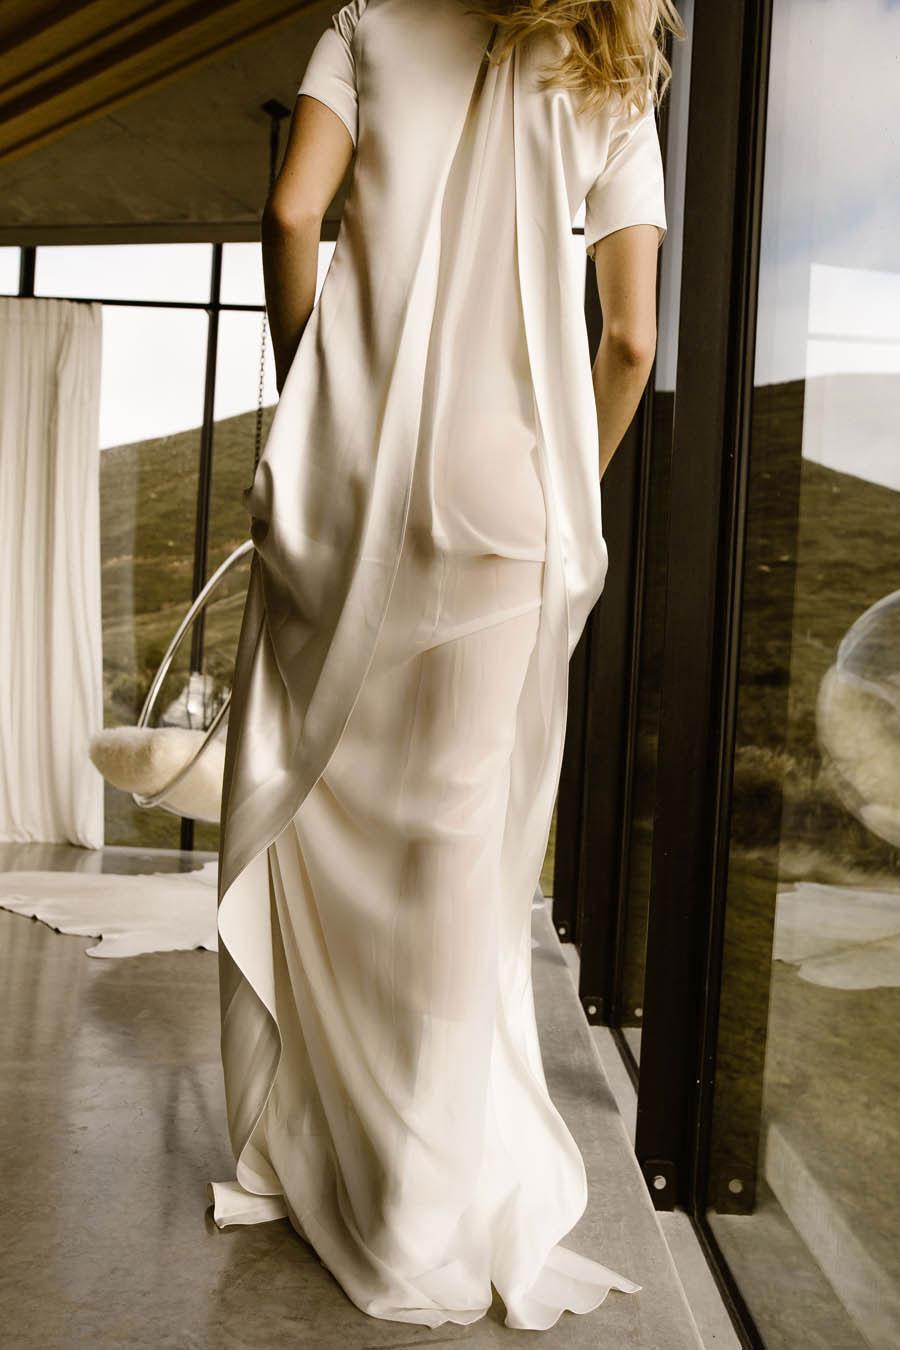 L'eto-Bridal-Gowns-Sydney-Australia-5